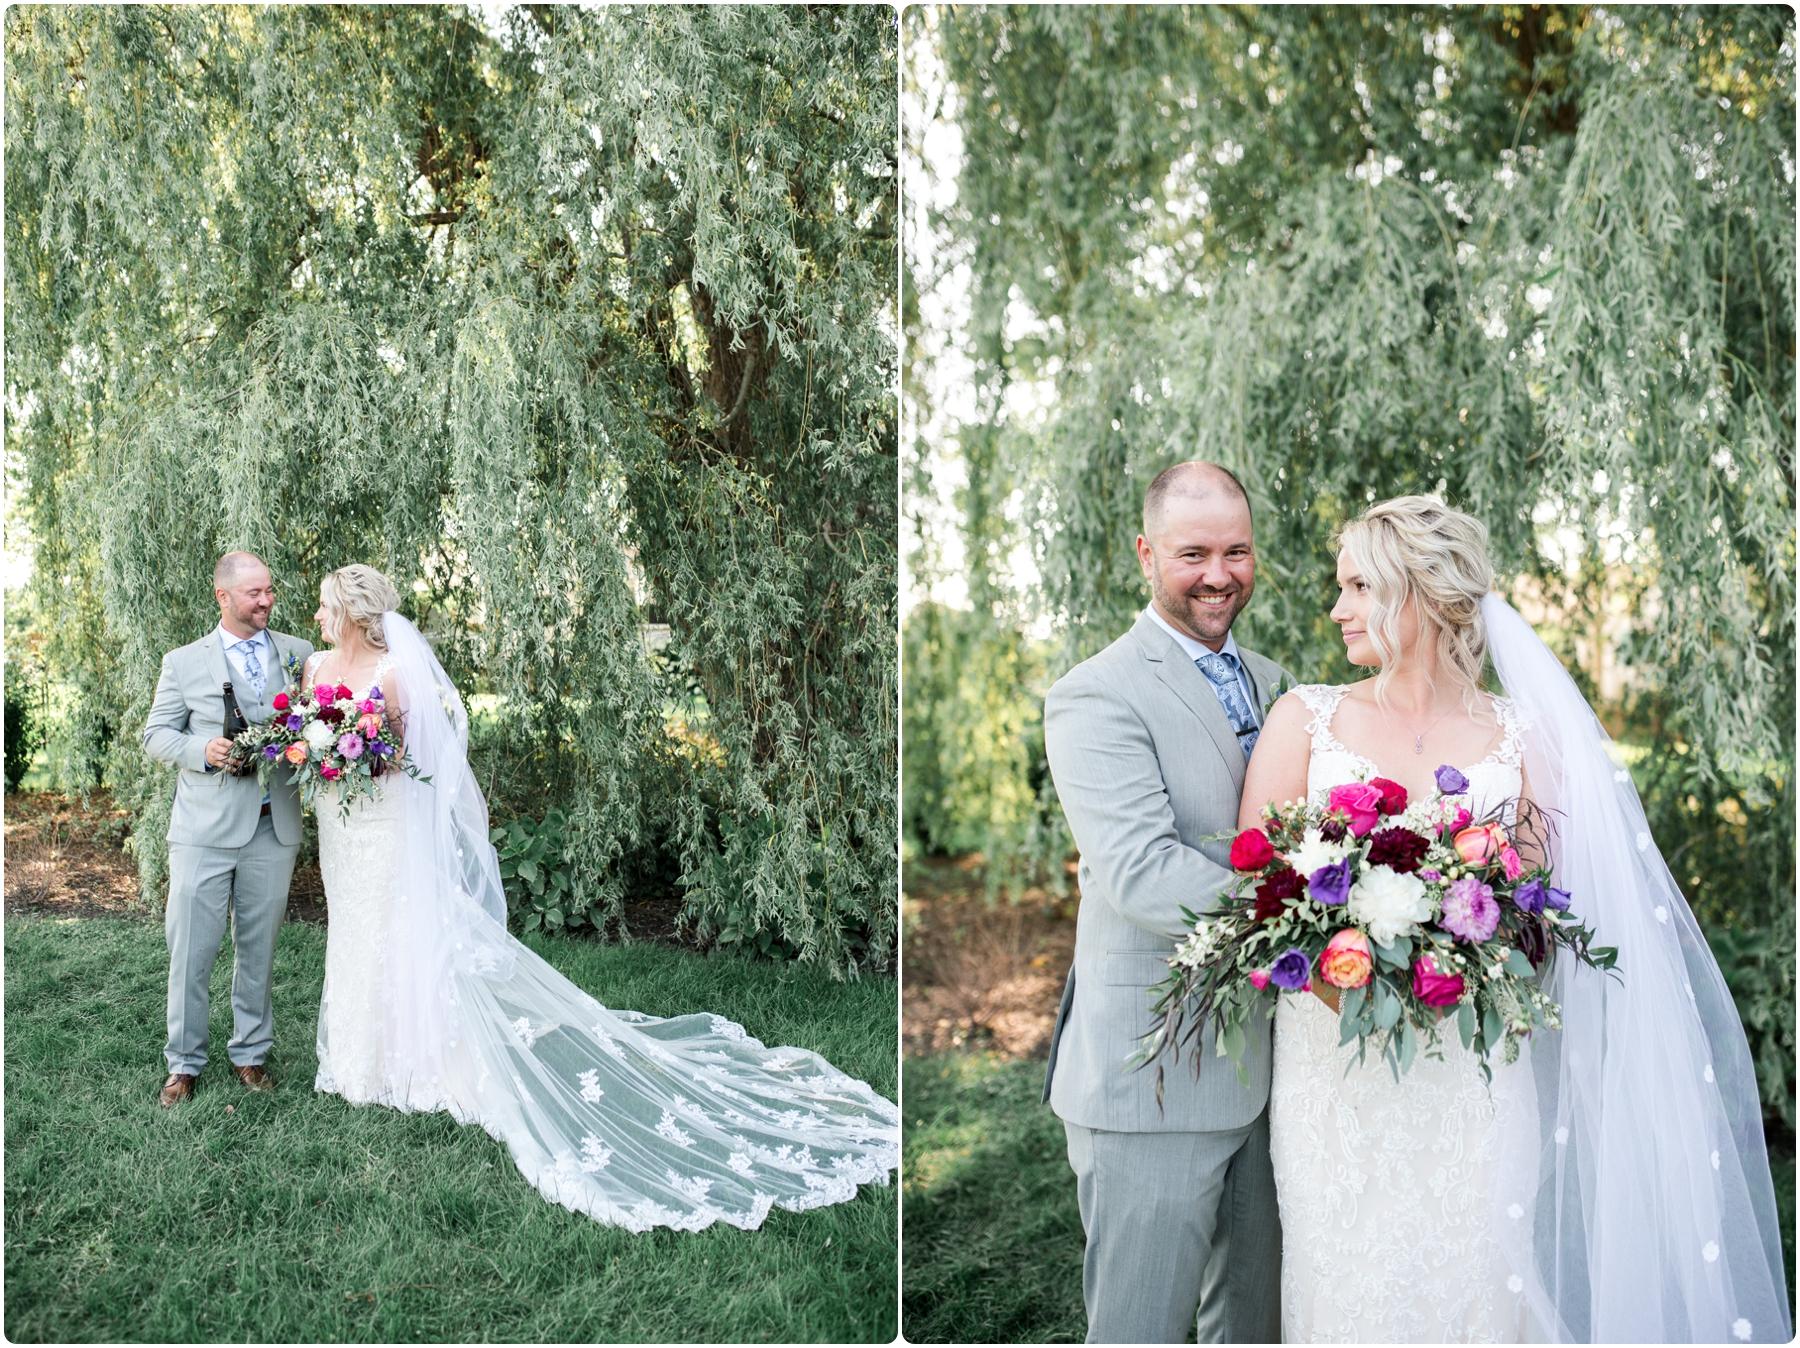 Katie+Jeff Bloom Field Garden_0080